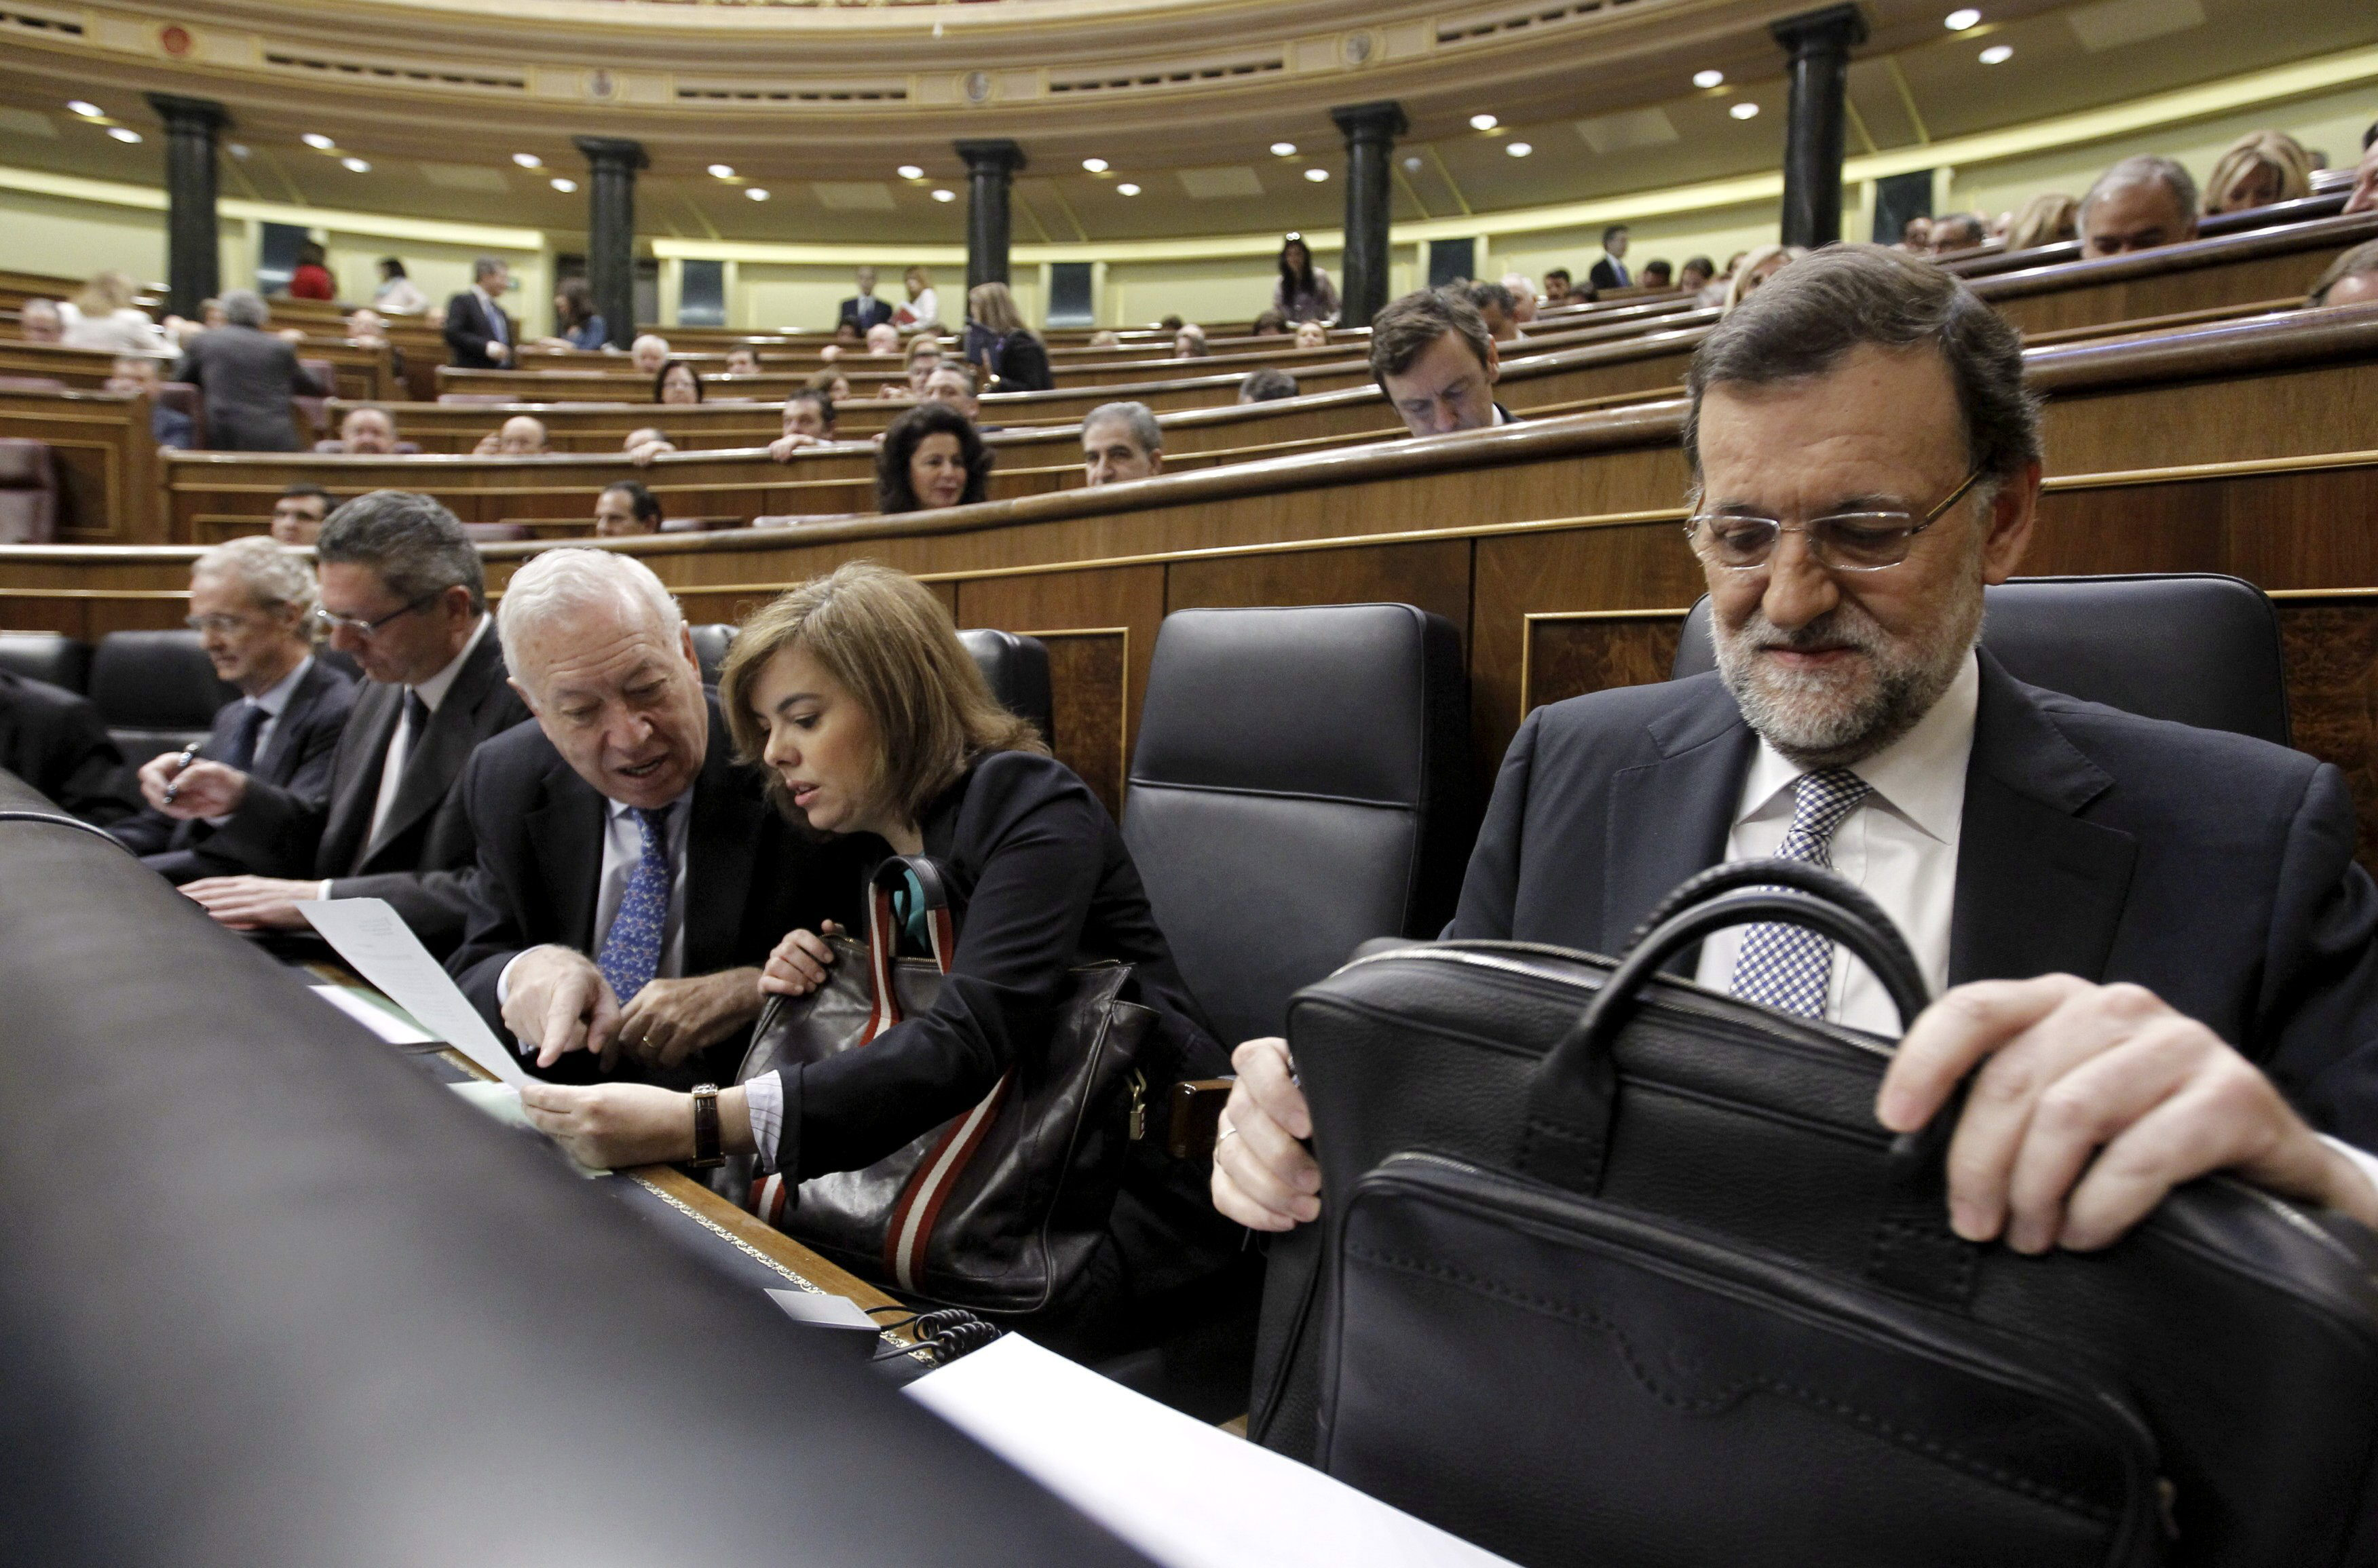 Rajoy dice que hablará con quien tenga que hablar en defensa de un proyecto común